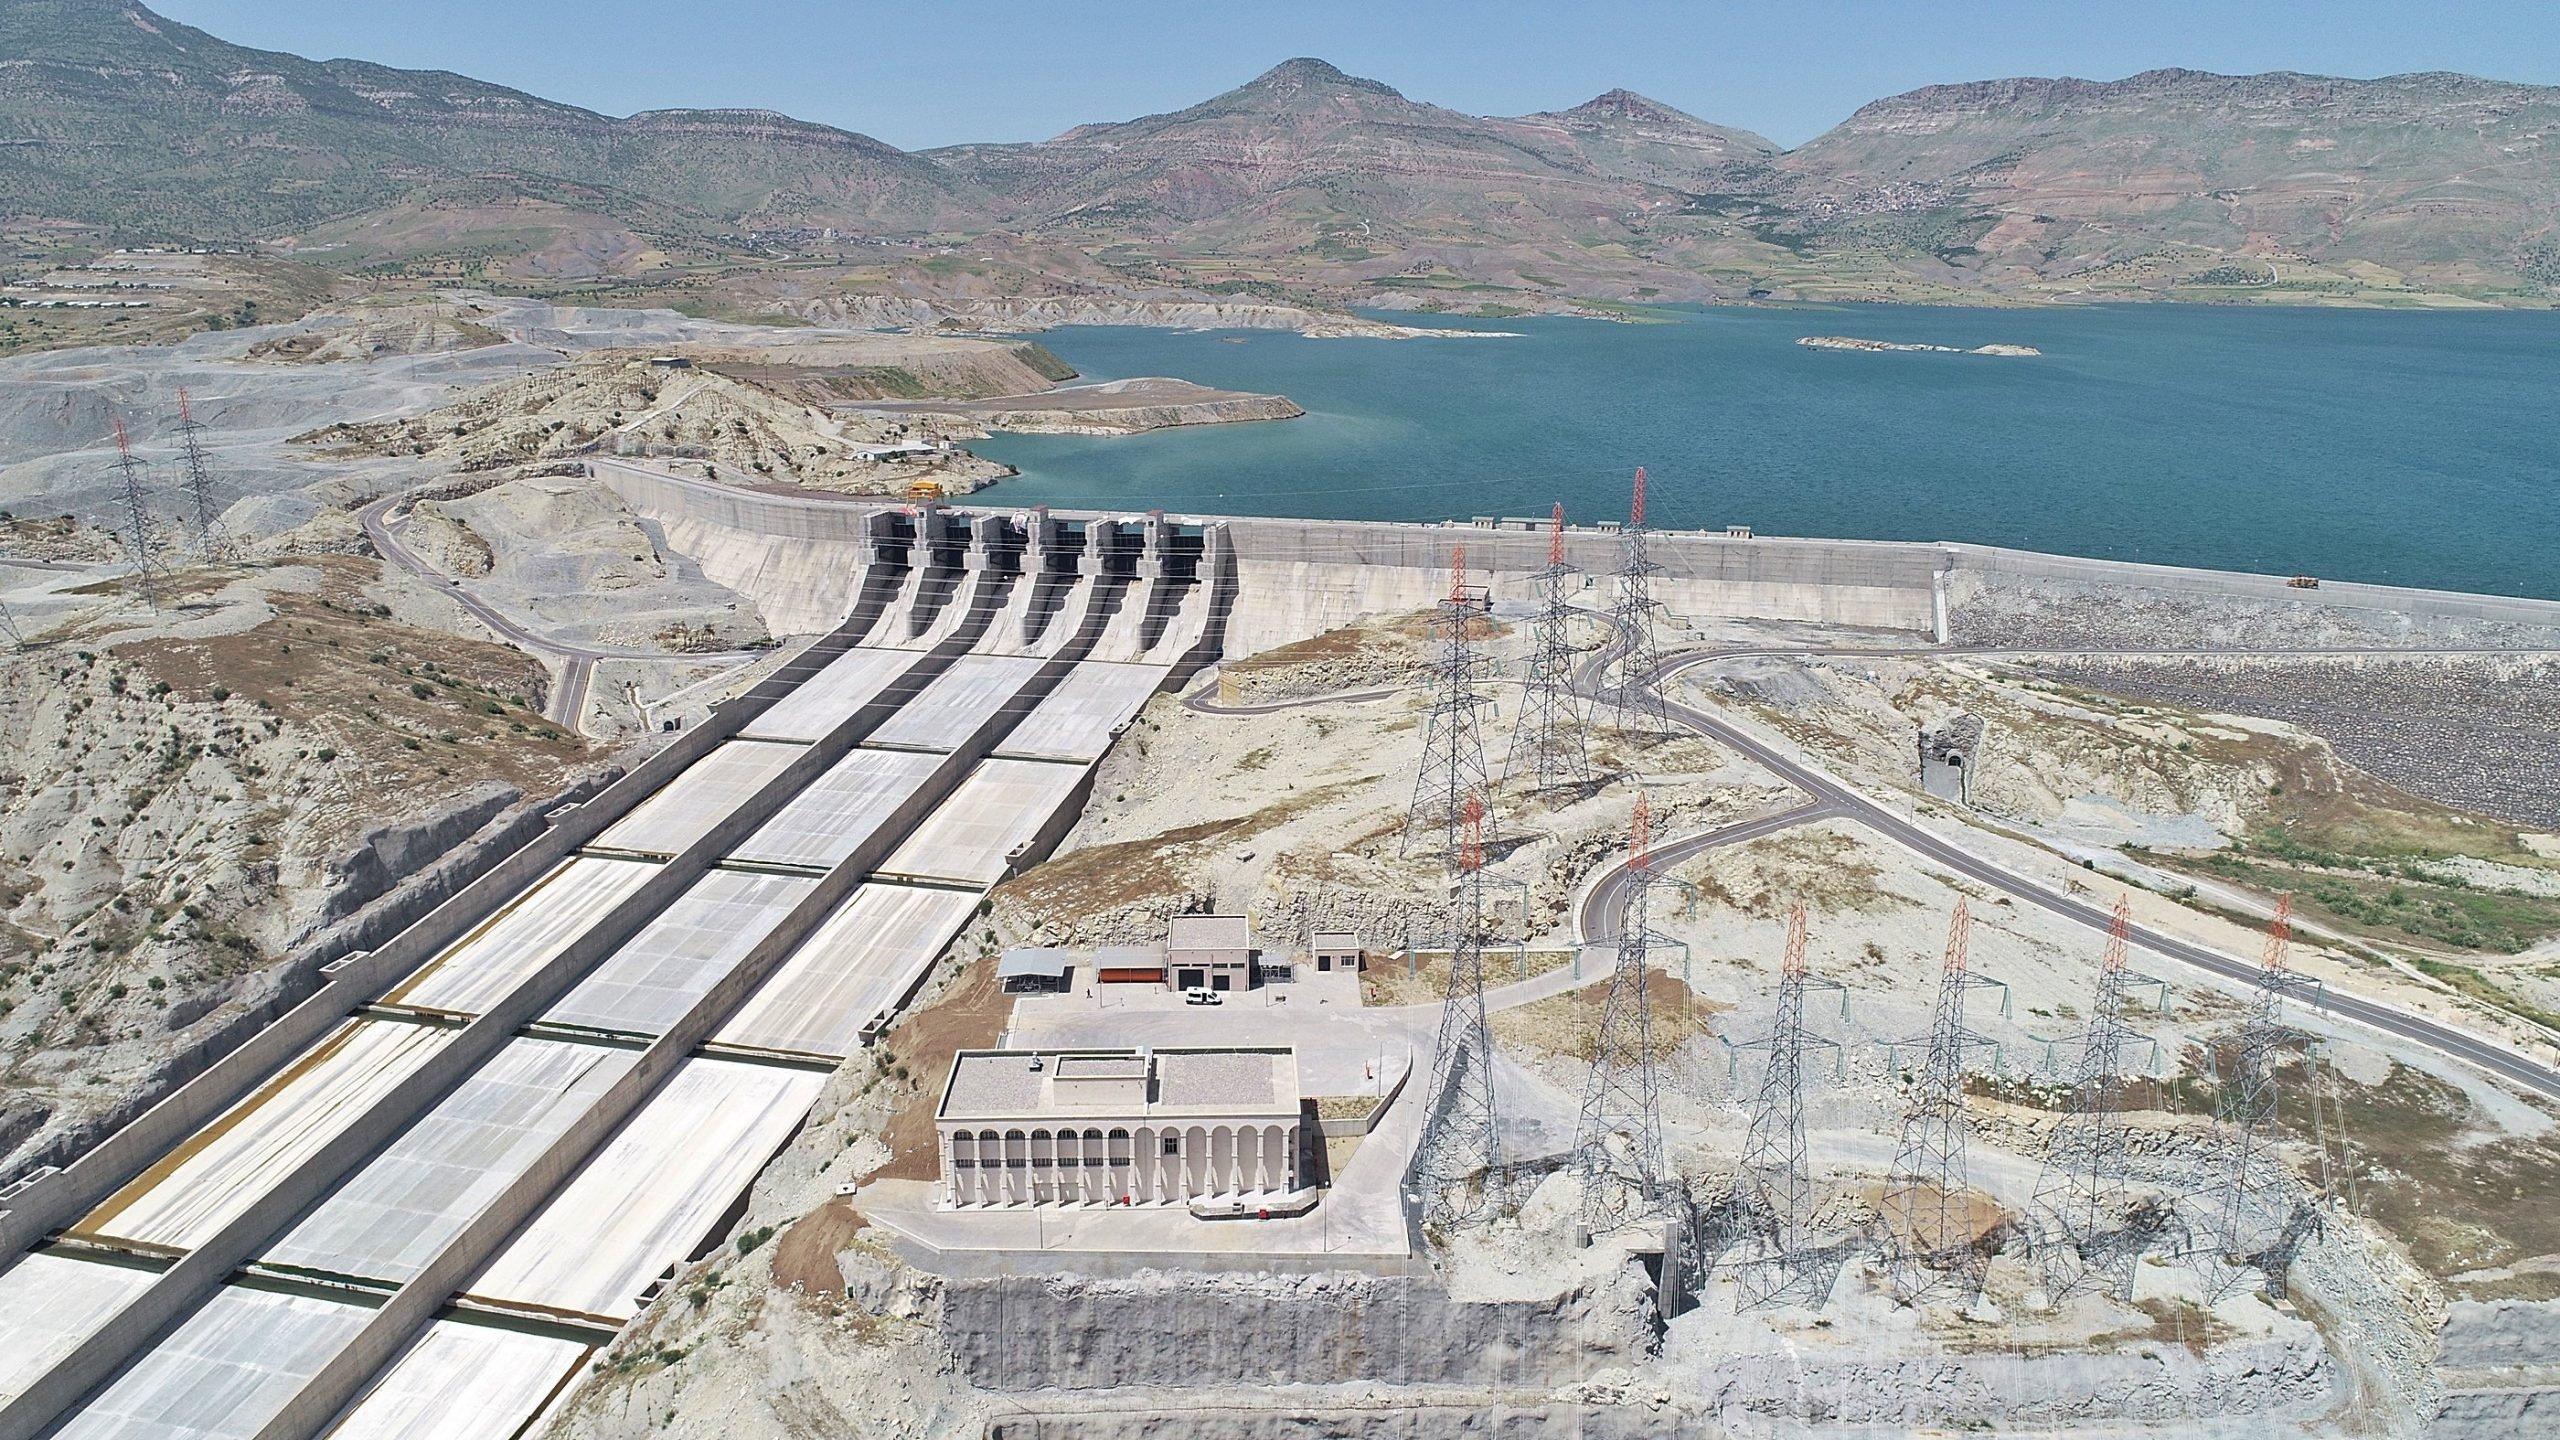 اعتراضات عراقية على توليد تركيا الكهرباء من سد إليسو